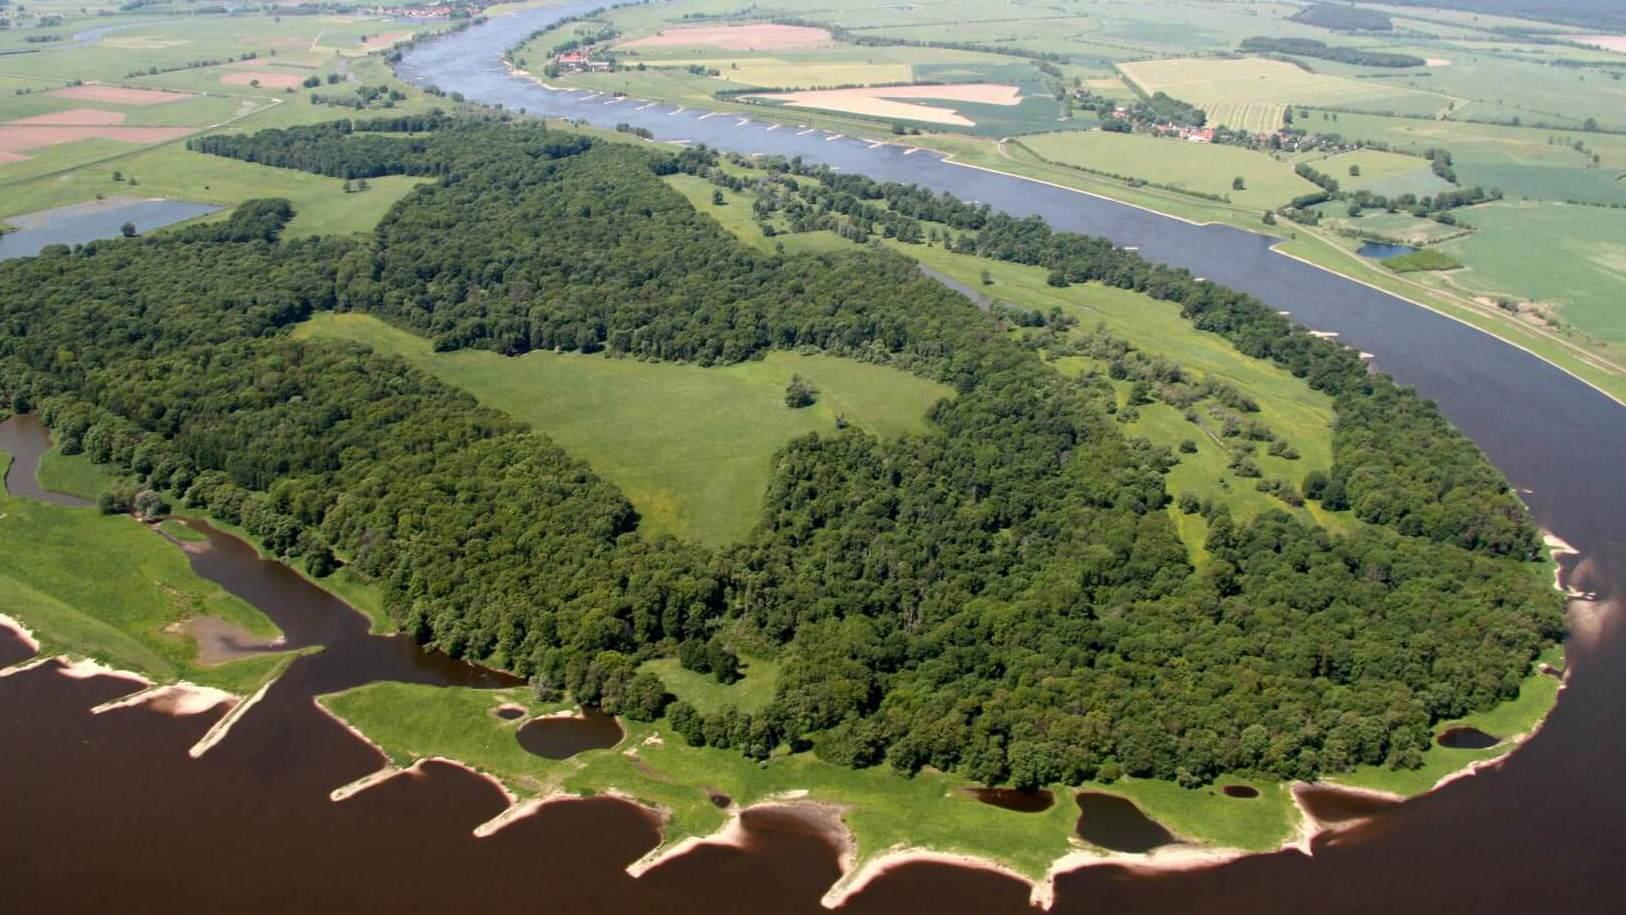 Luftbild der Elbschleife um die Hohe Garbe; Foto: F. Meyer / RANA